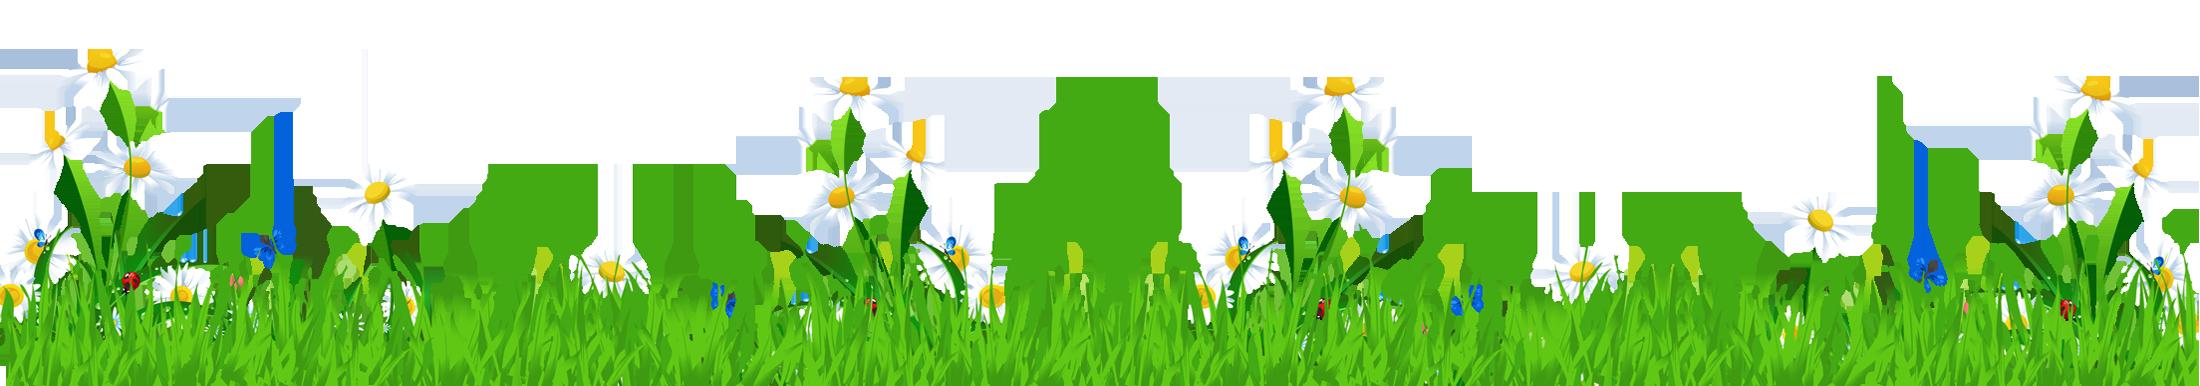 Znalezione obrazy dla zapytania wiosna gify ruchome